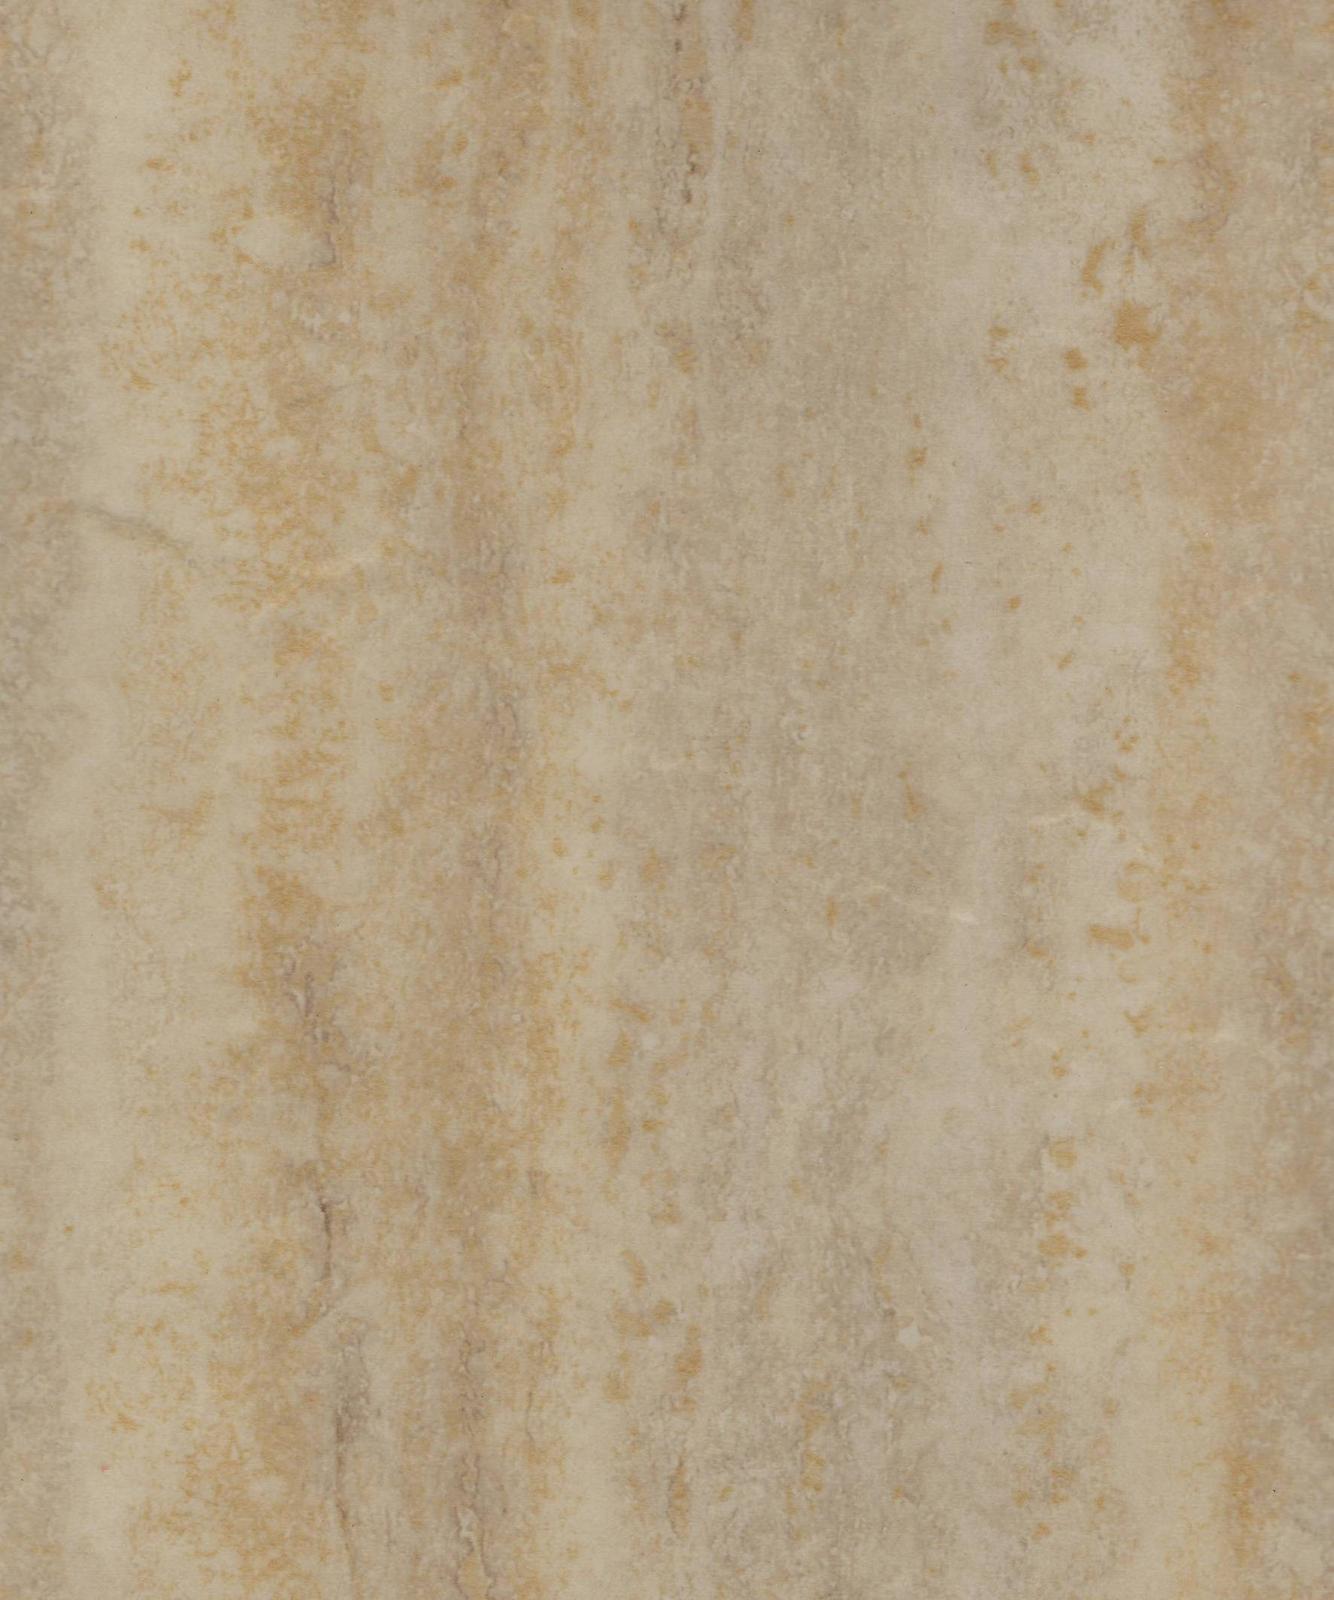 Čo nám čoskoro urobí radosť - Vinylová plávajúca podlaha Corkart KV 3012. Rozmer lamely 305 x 610 x 5 mm.